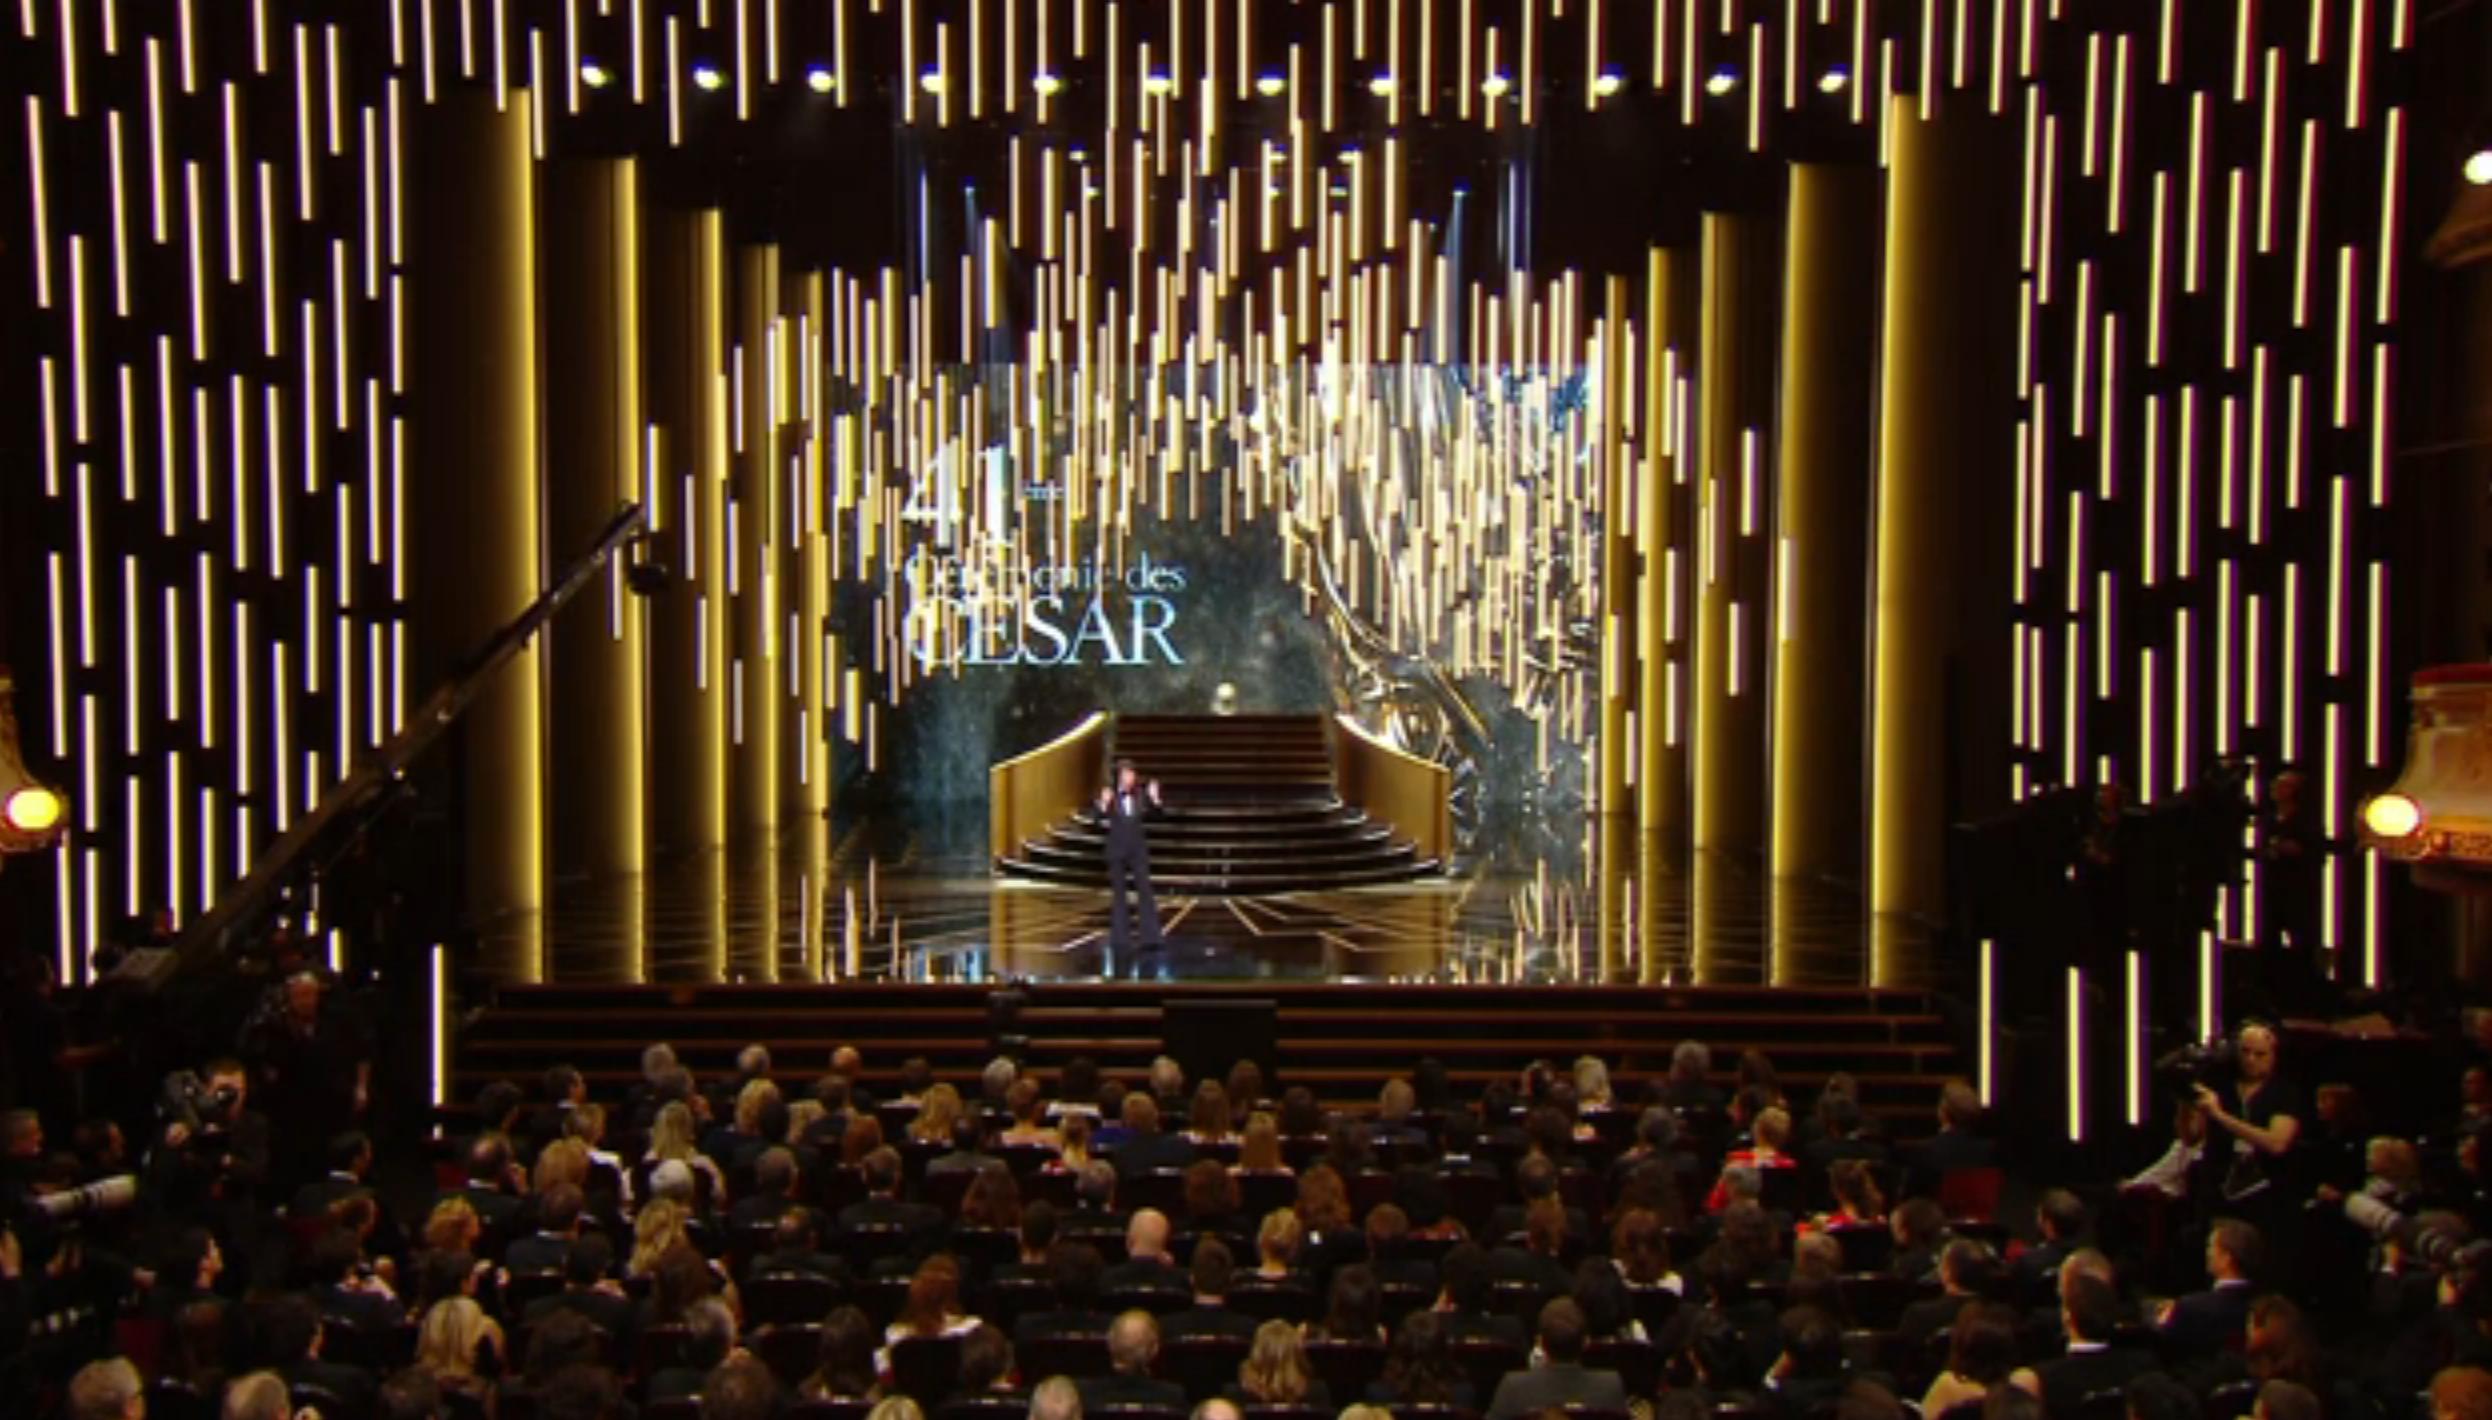 La 41e cérémonie des César s'est tenue au Théâtre du Châtelet vendredi 26 février sous la présidence de Claude Lelouch